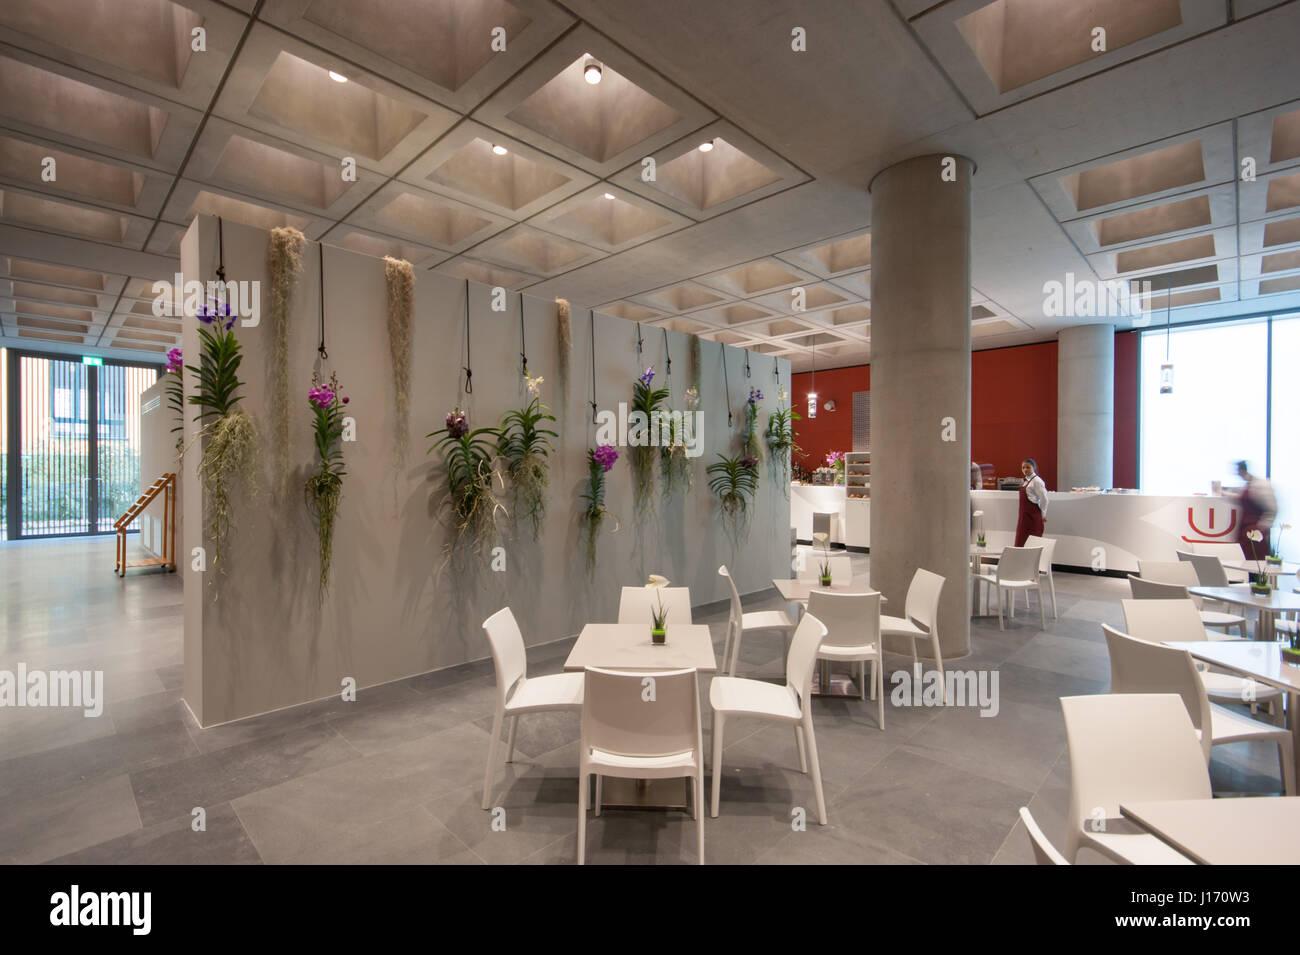 MUDEC - Museo delle Culture a Milano, disegnato da David Chipperfield Architects - cafe - vista interna Immagini Stock